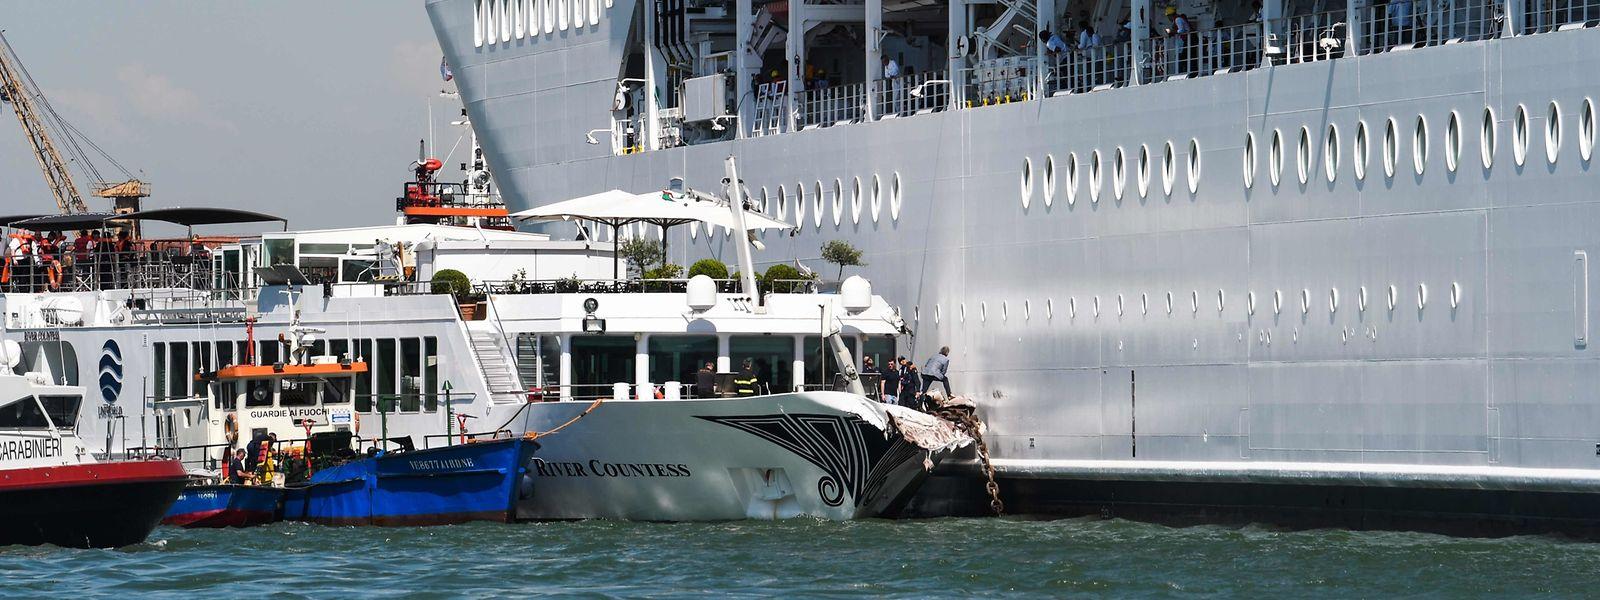 """Das Ausflugsboot """"River Countess"""" (l.) trug durch den Zusammenstoß mit der """"MSC Opera"""" (r.) vor Venedig mittelschwere Beschädigungen davon. Nur wenige Menschen mussten wegen Verletzungen im Krankenhaus behandelt werden."""